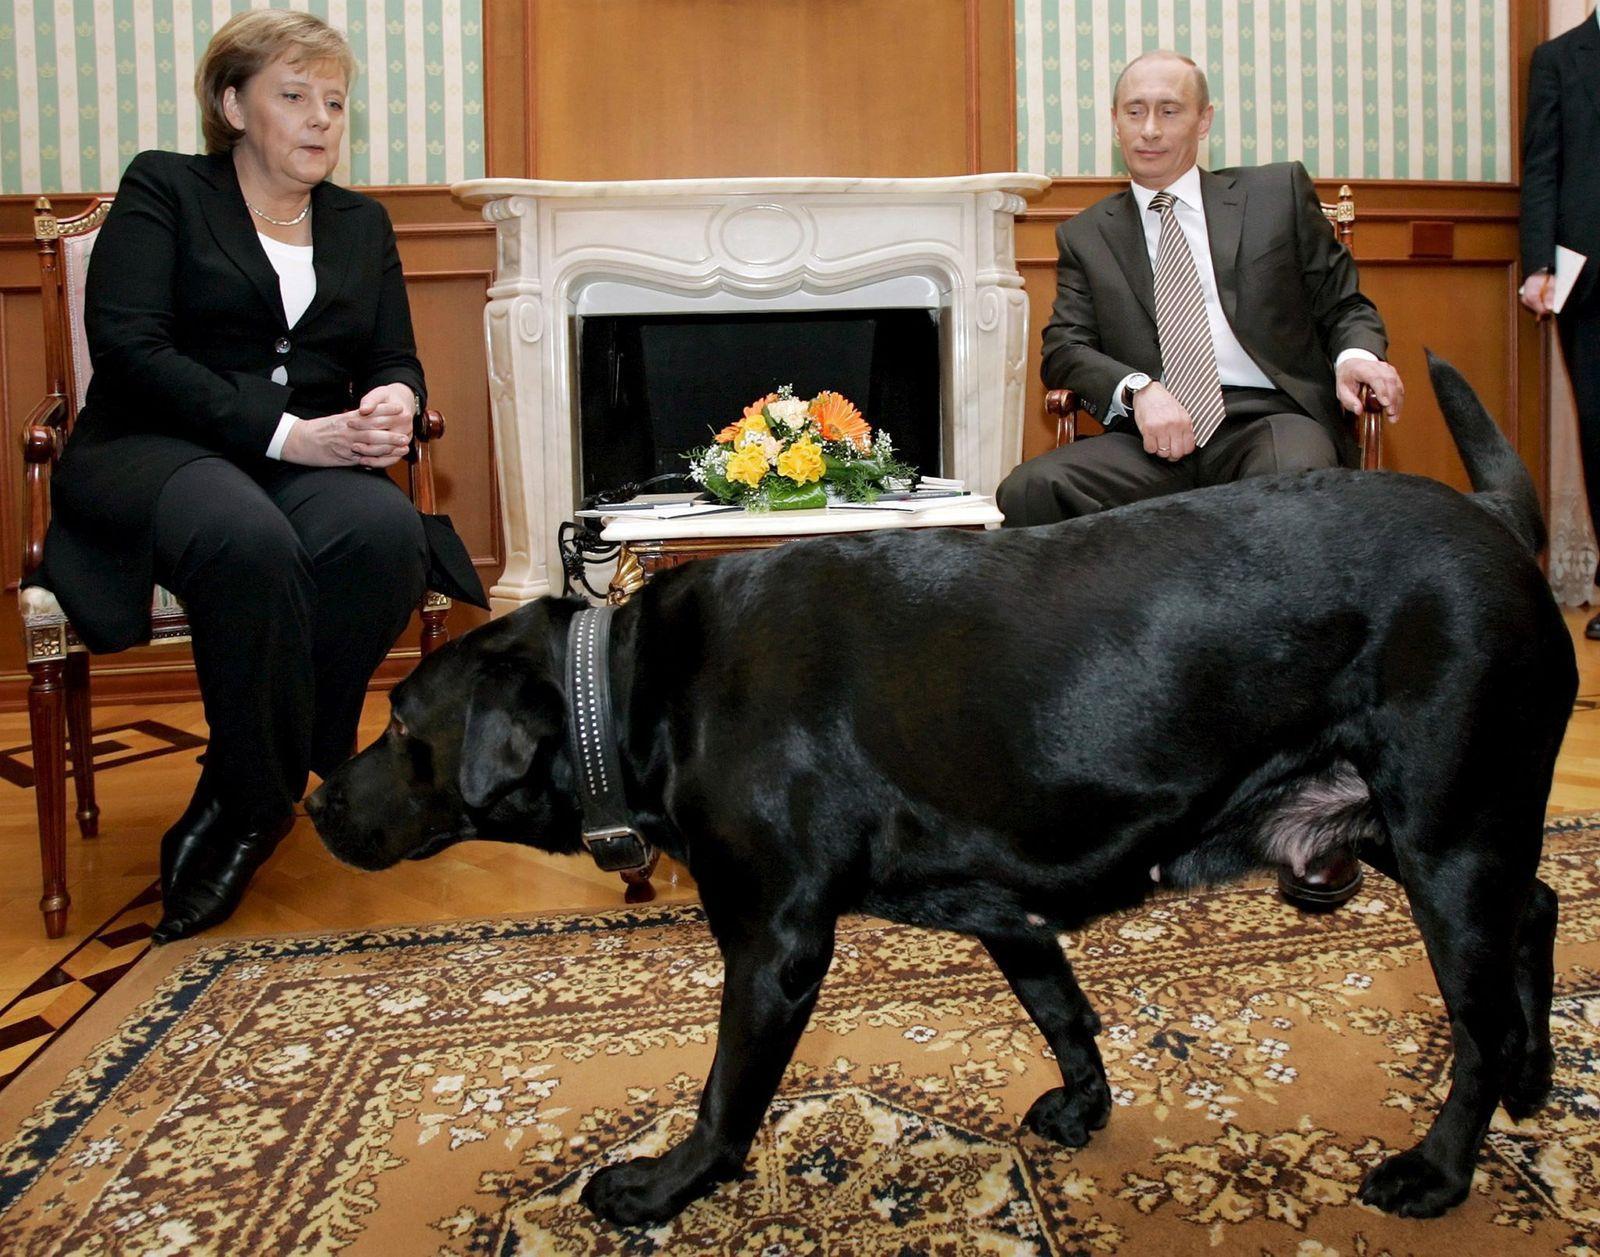 Putin & Merkel